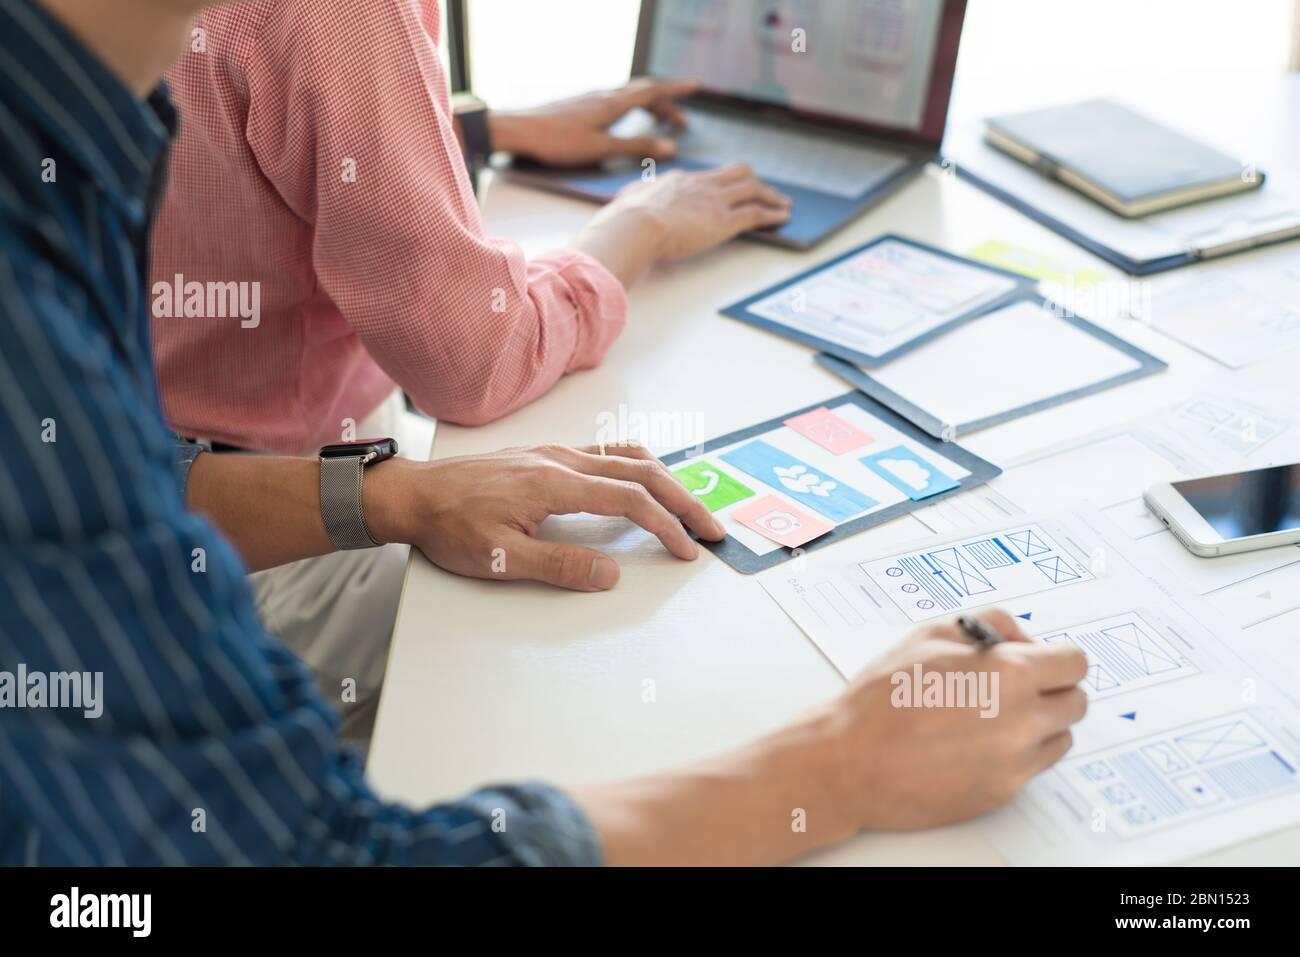 El equipo de diseñadores gráficos trabaja junto con el diseñador de la interfaz de usuario de UX de planificación de plantillas de aplicación de diseño de teléfono móvil prototipo, concepto de experiencia del usuario. Foto de stock